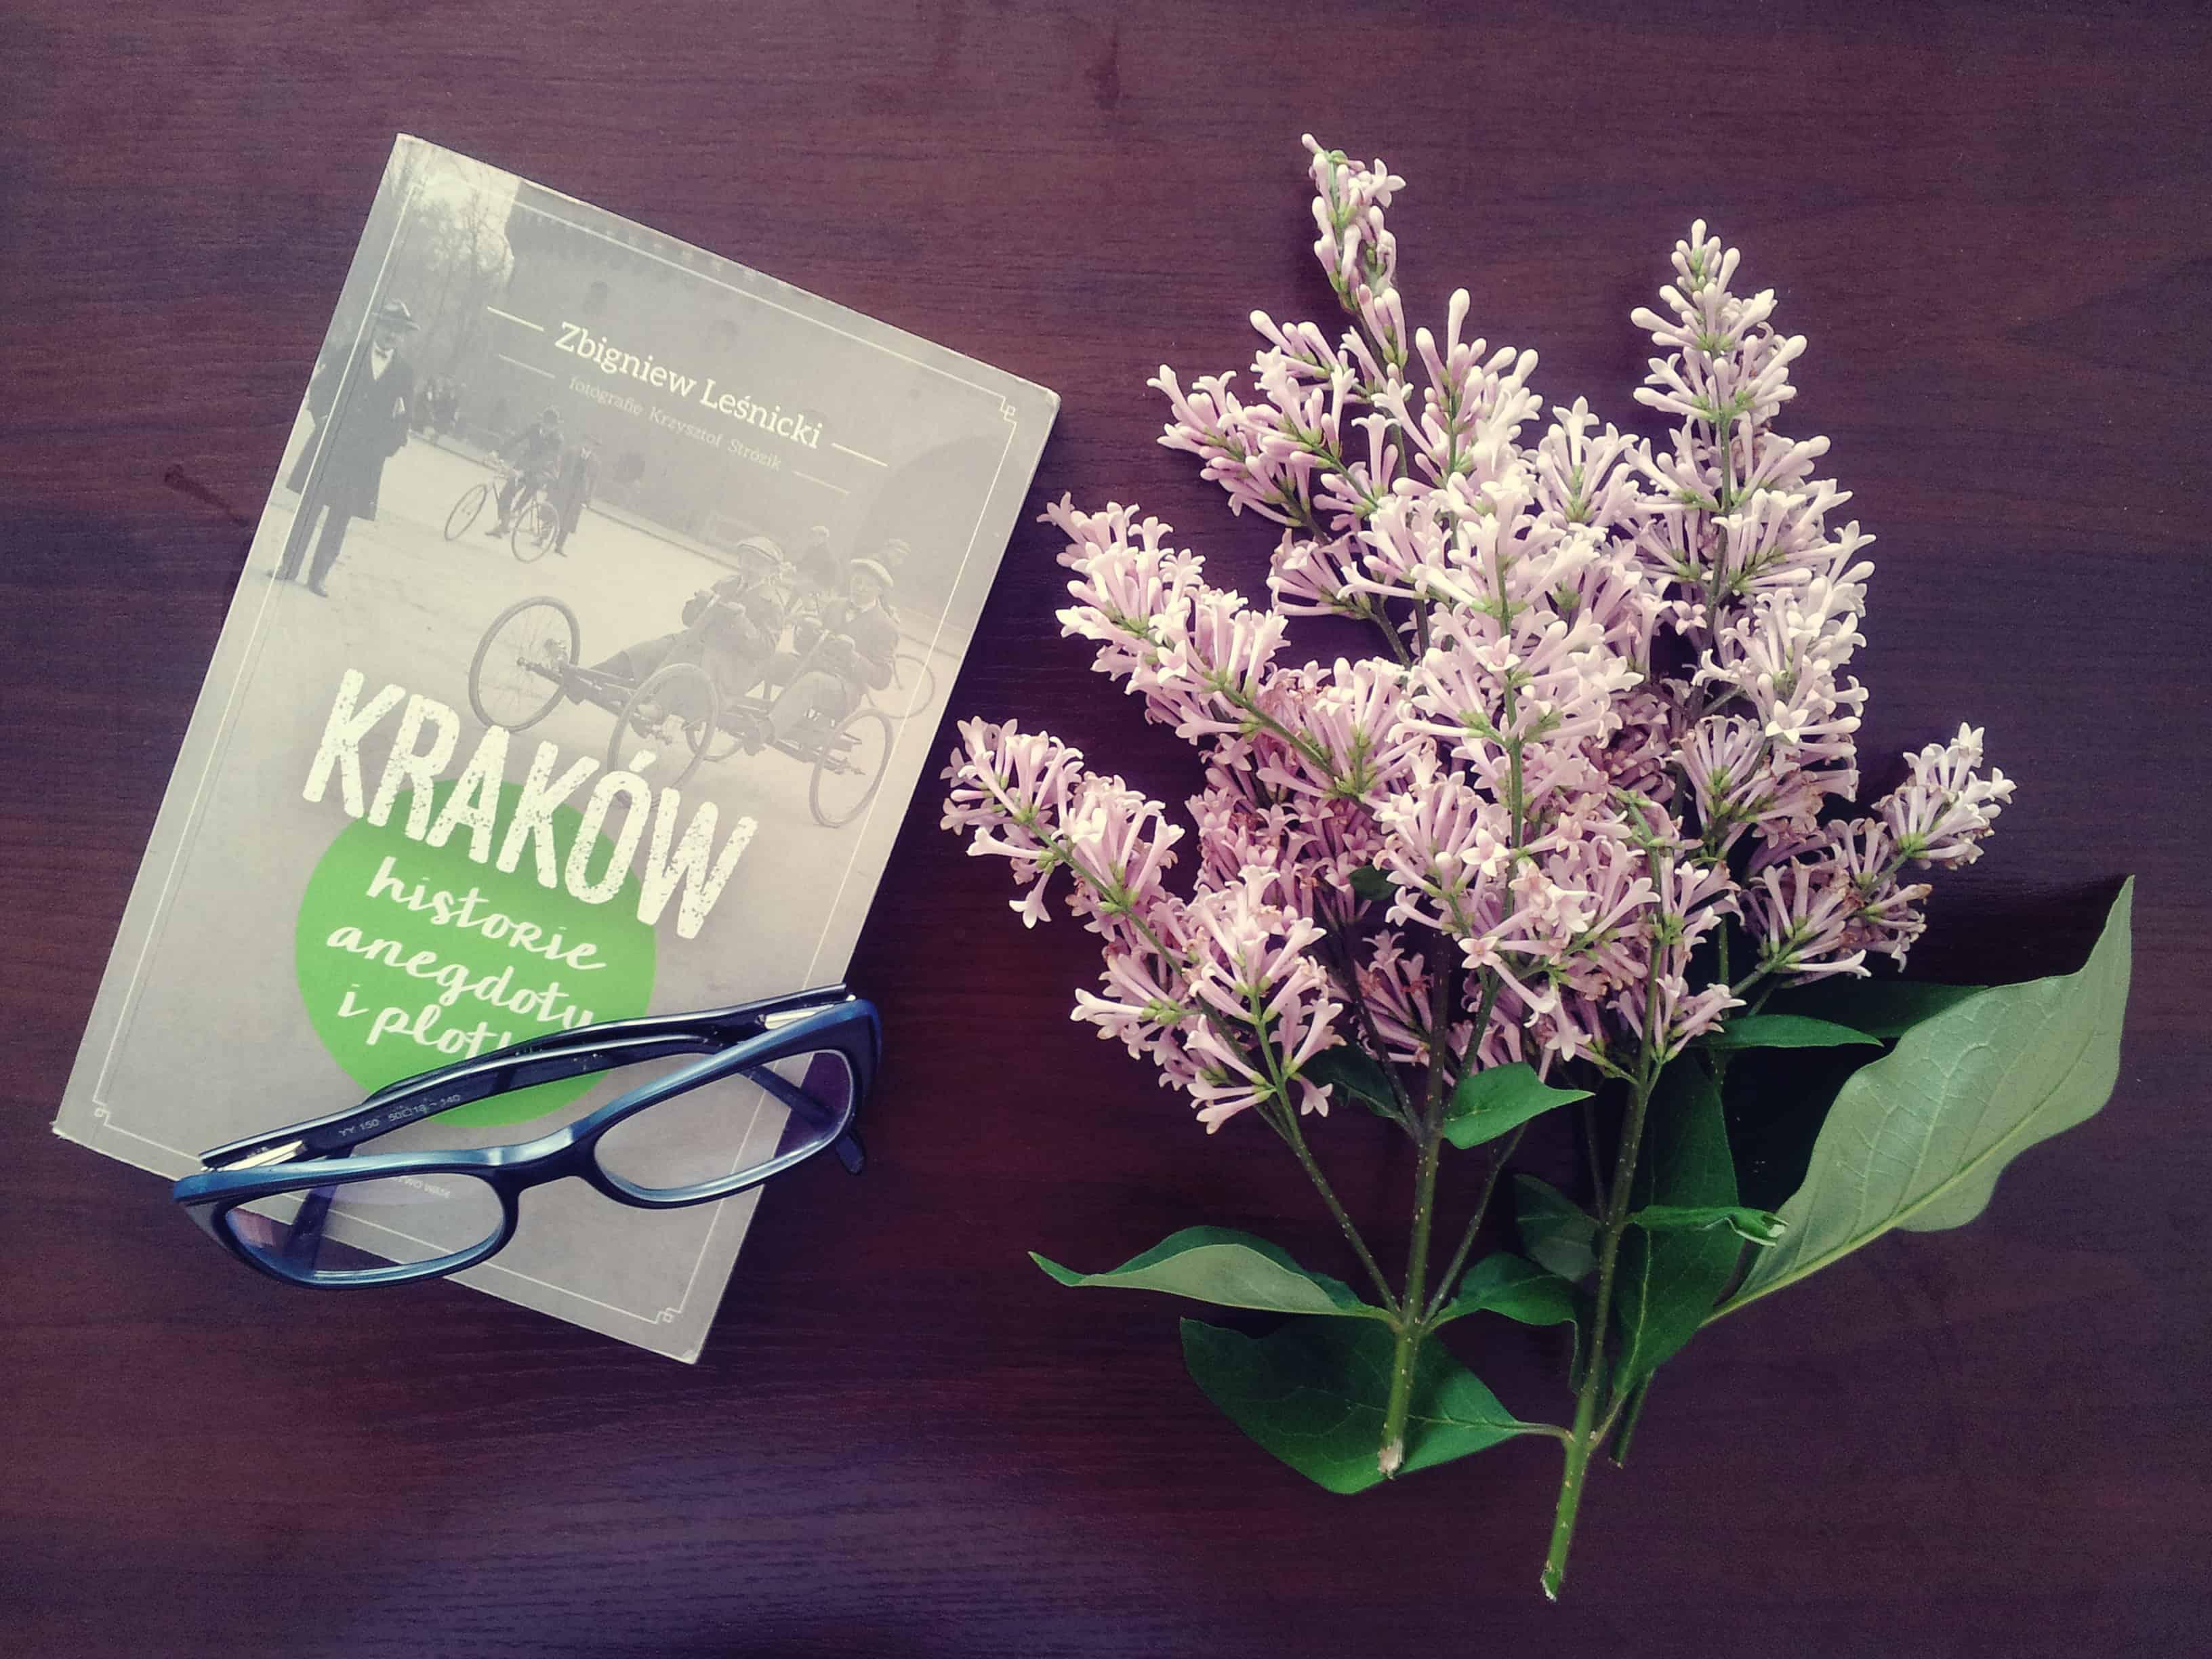 """#2 Książka do kawy – """"Kraków. Historie, anegdoty i plotki"""""""